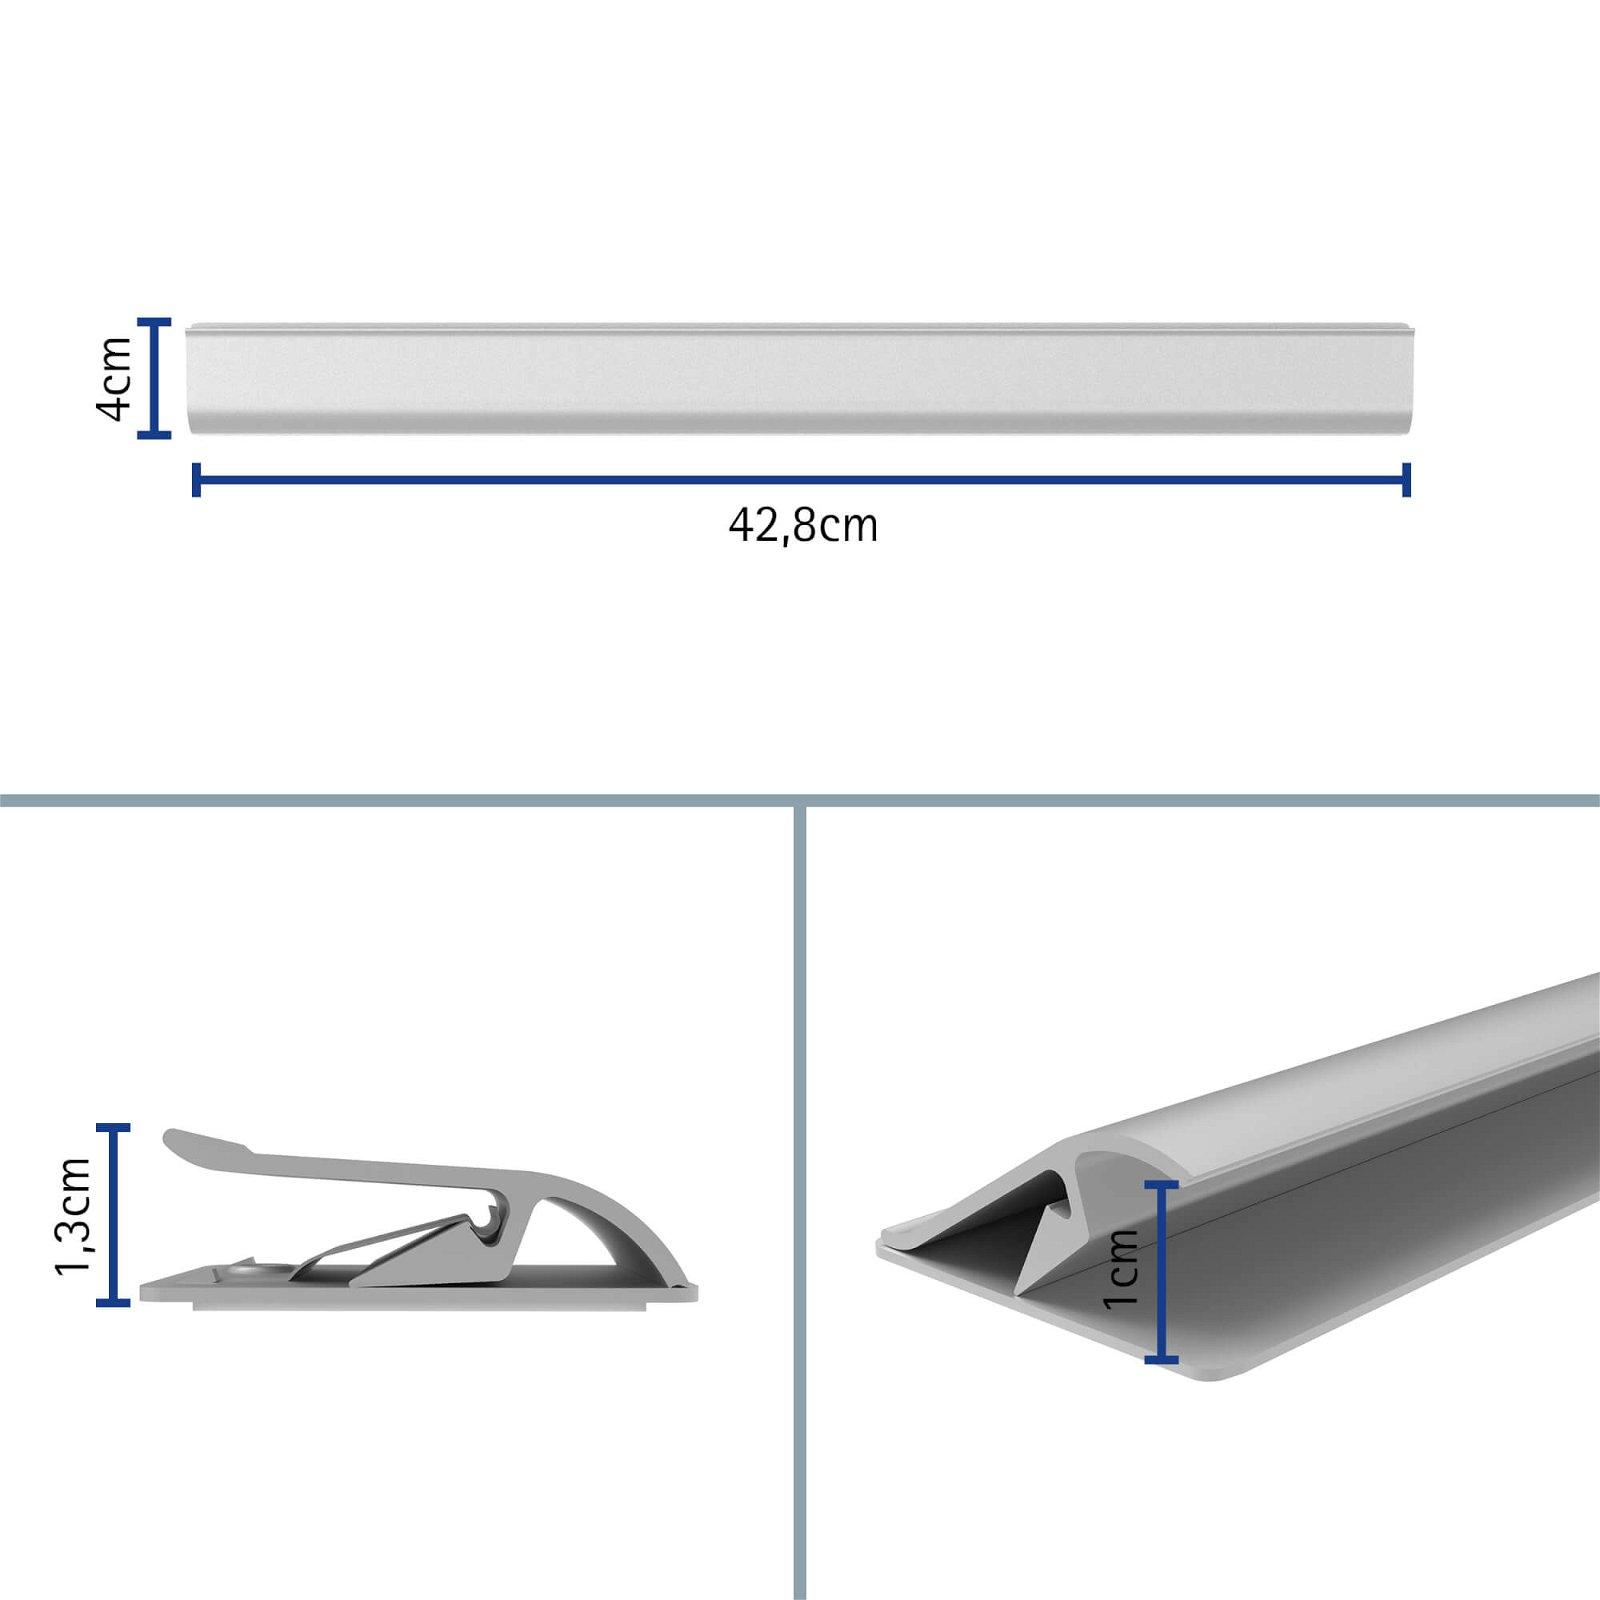 Klemmleiste Aluminium 42,8cm